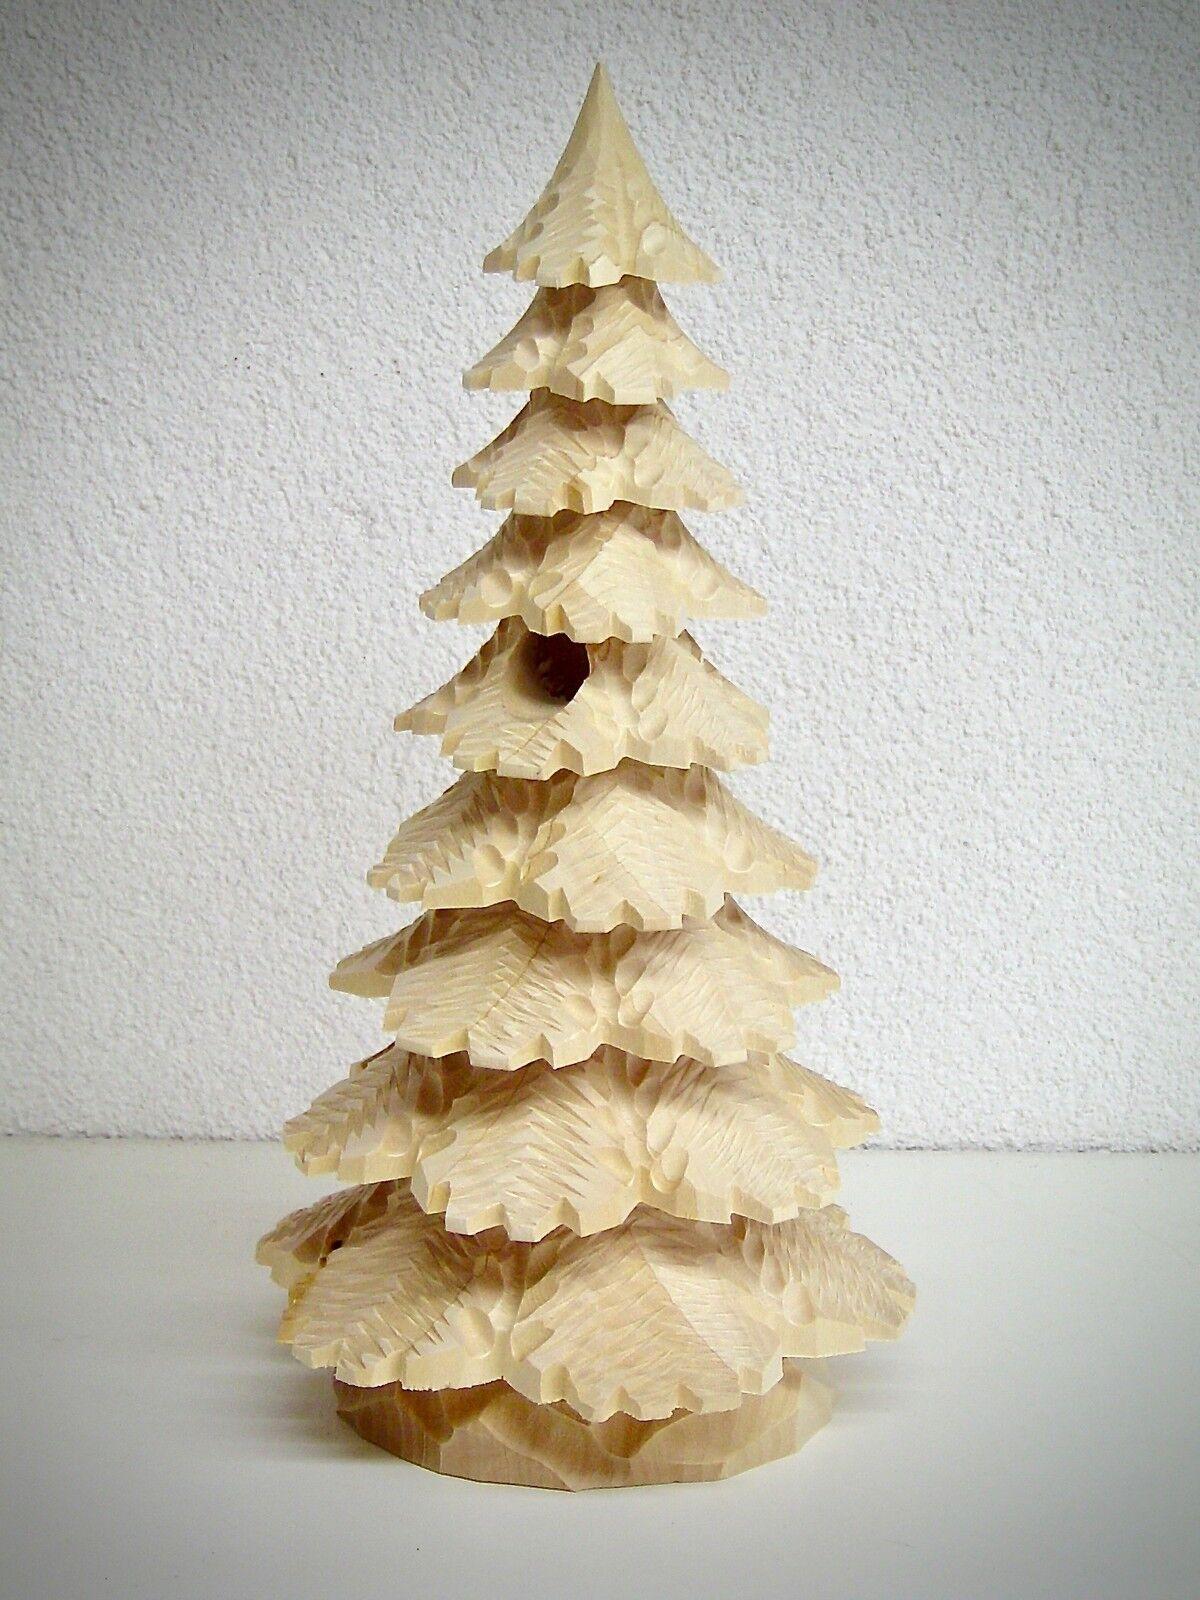 Tailleda FíSICO Fumador COMO árbol Fumador 24 CM Taille Erzgebirge 15073